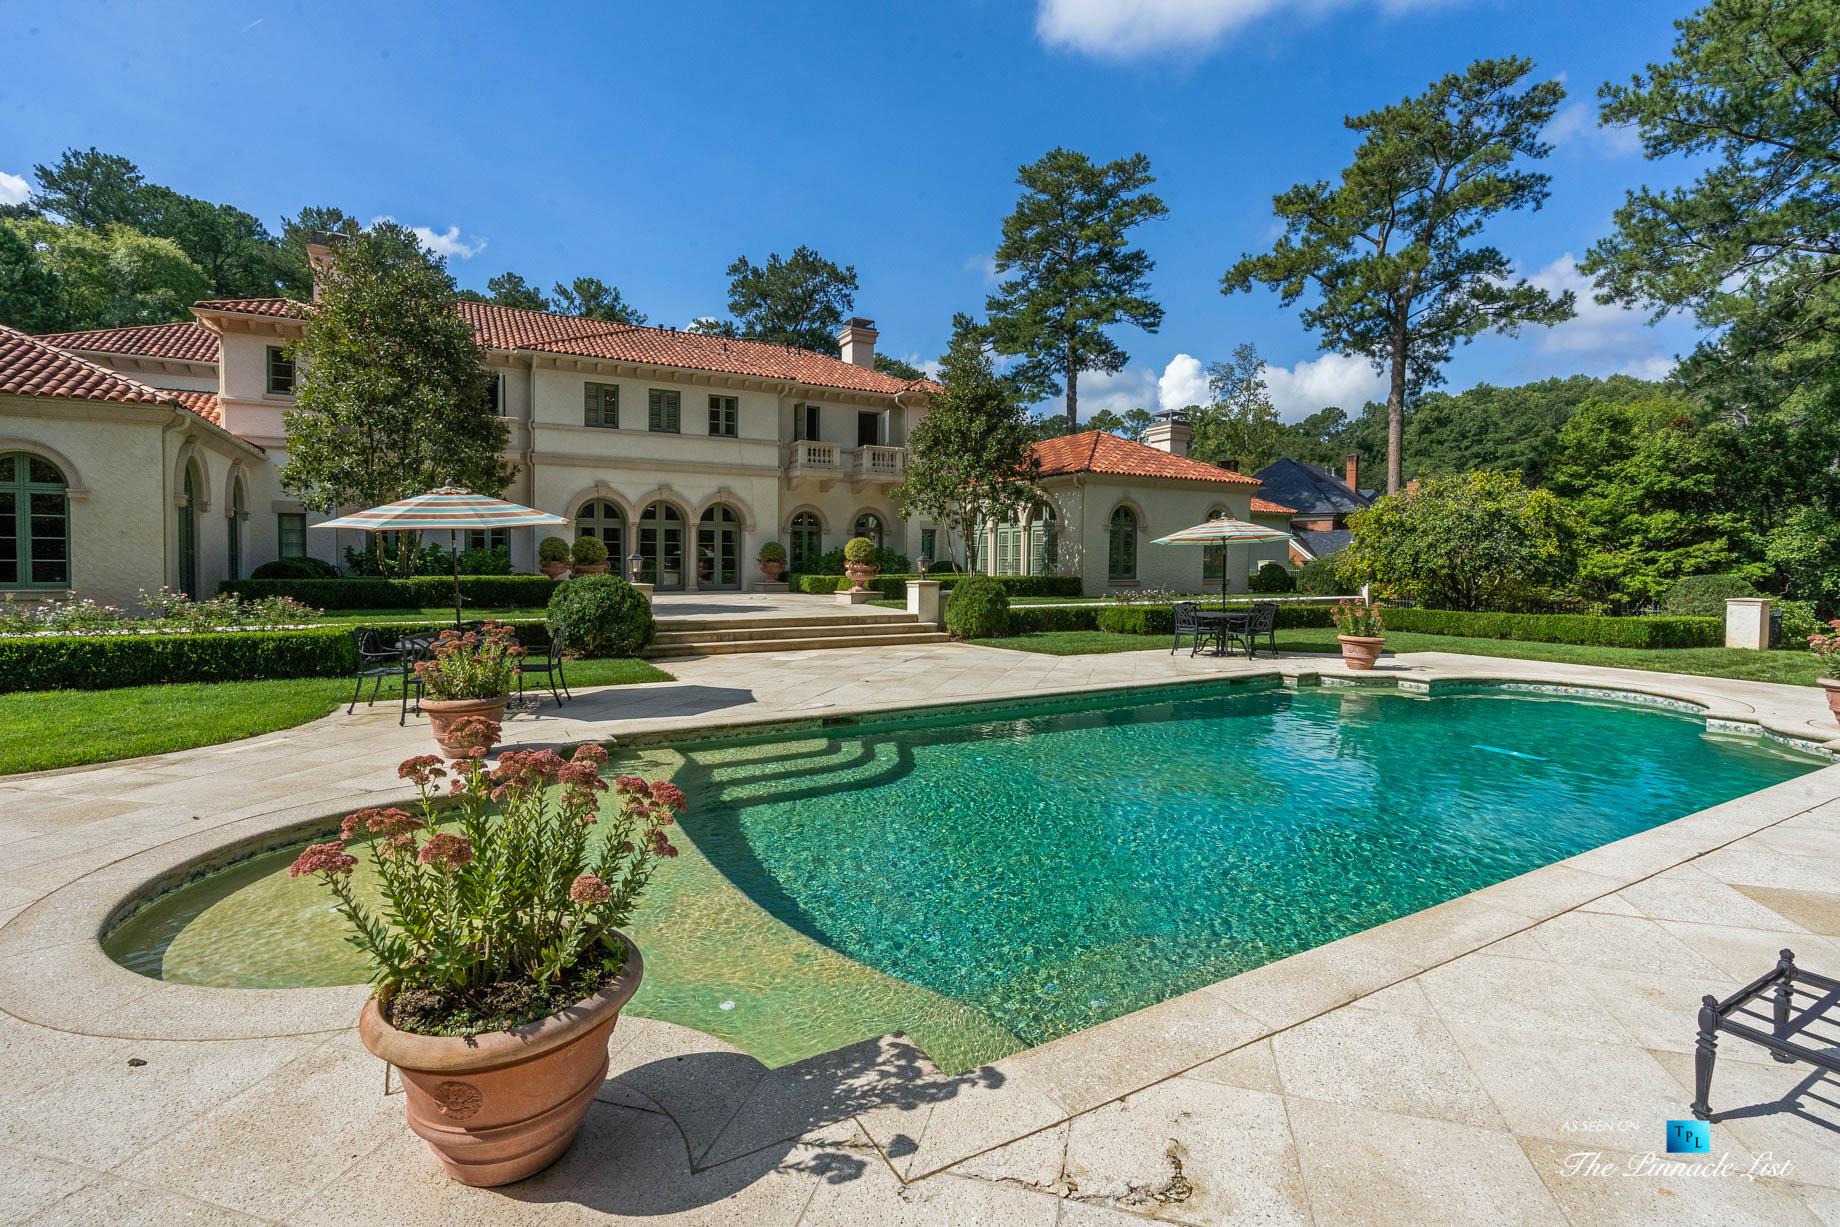 439 Blackland Rd NW, Atlanta, GA, USA - Luxurious Property Pool - Luxury Real Estate - Tuxedo Park Mediterranean Mansion Home